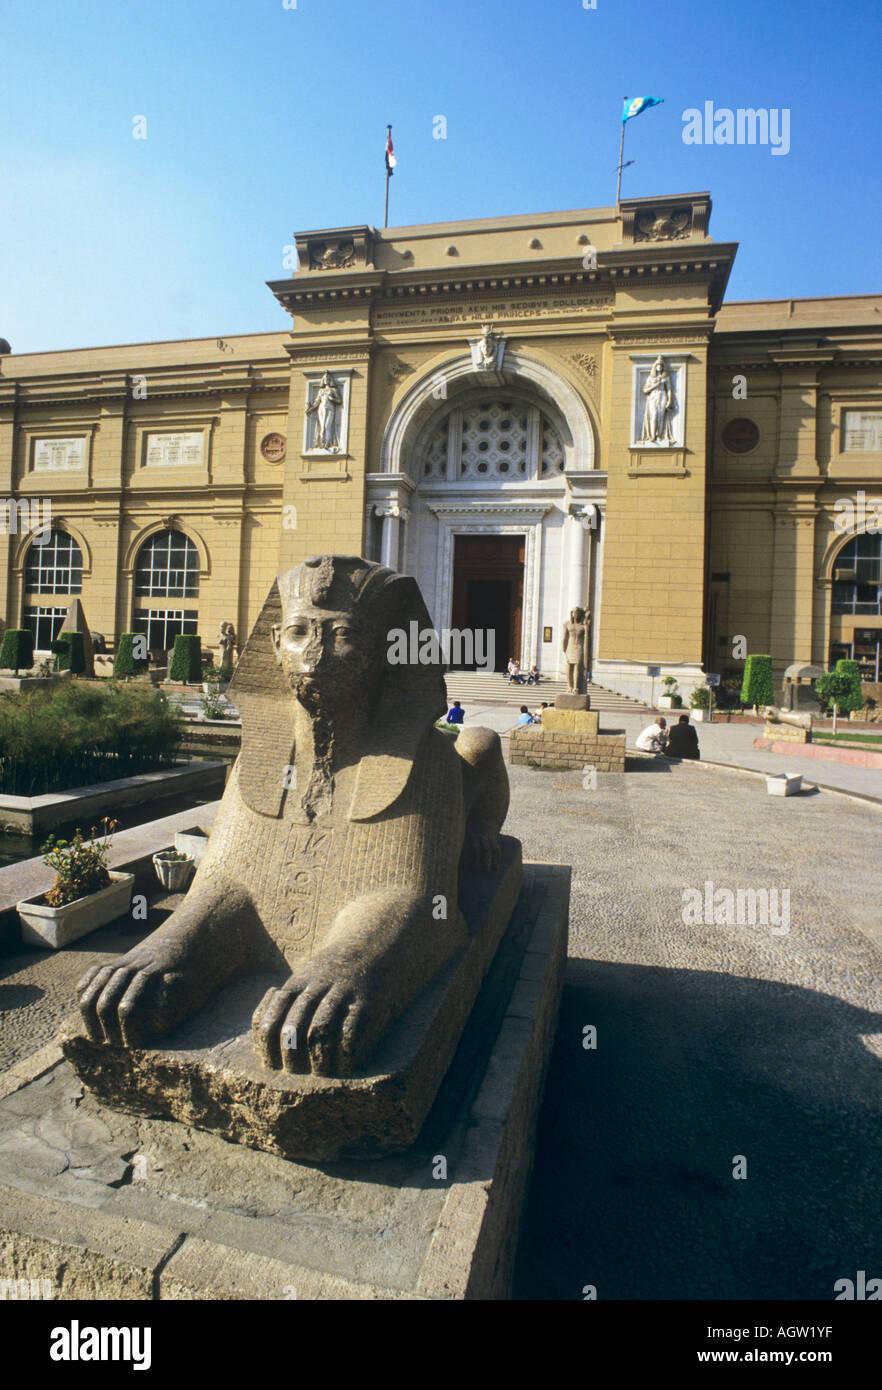 L'Égypte, l'entrée au Musée du Caire, trésor de l'Antiquité européenne, inc le masque de Tutankamun, gardée par un sphinx. Photo Stock